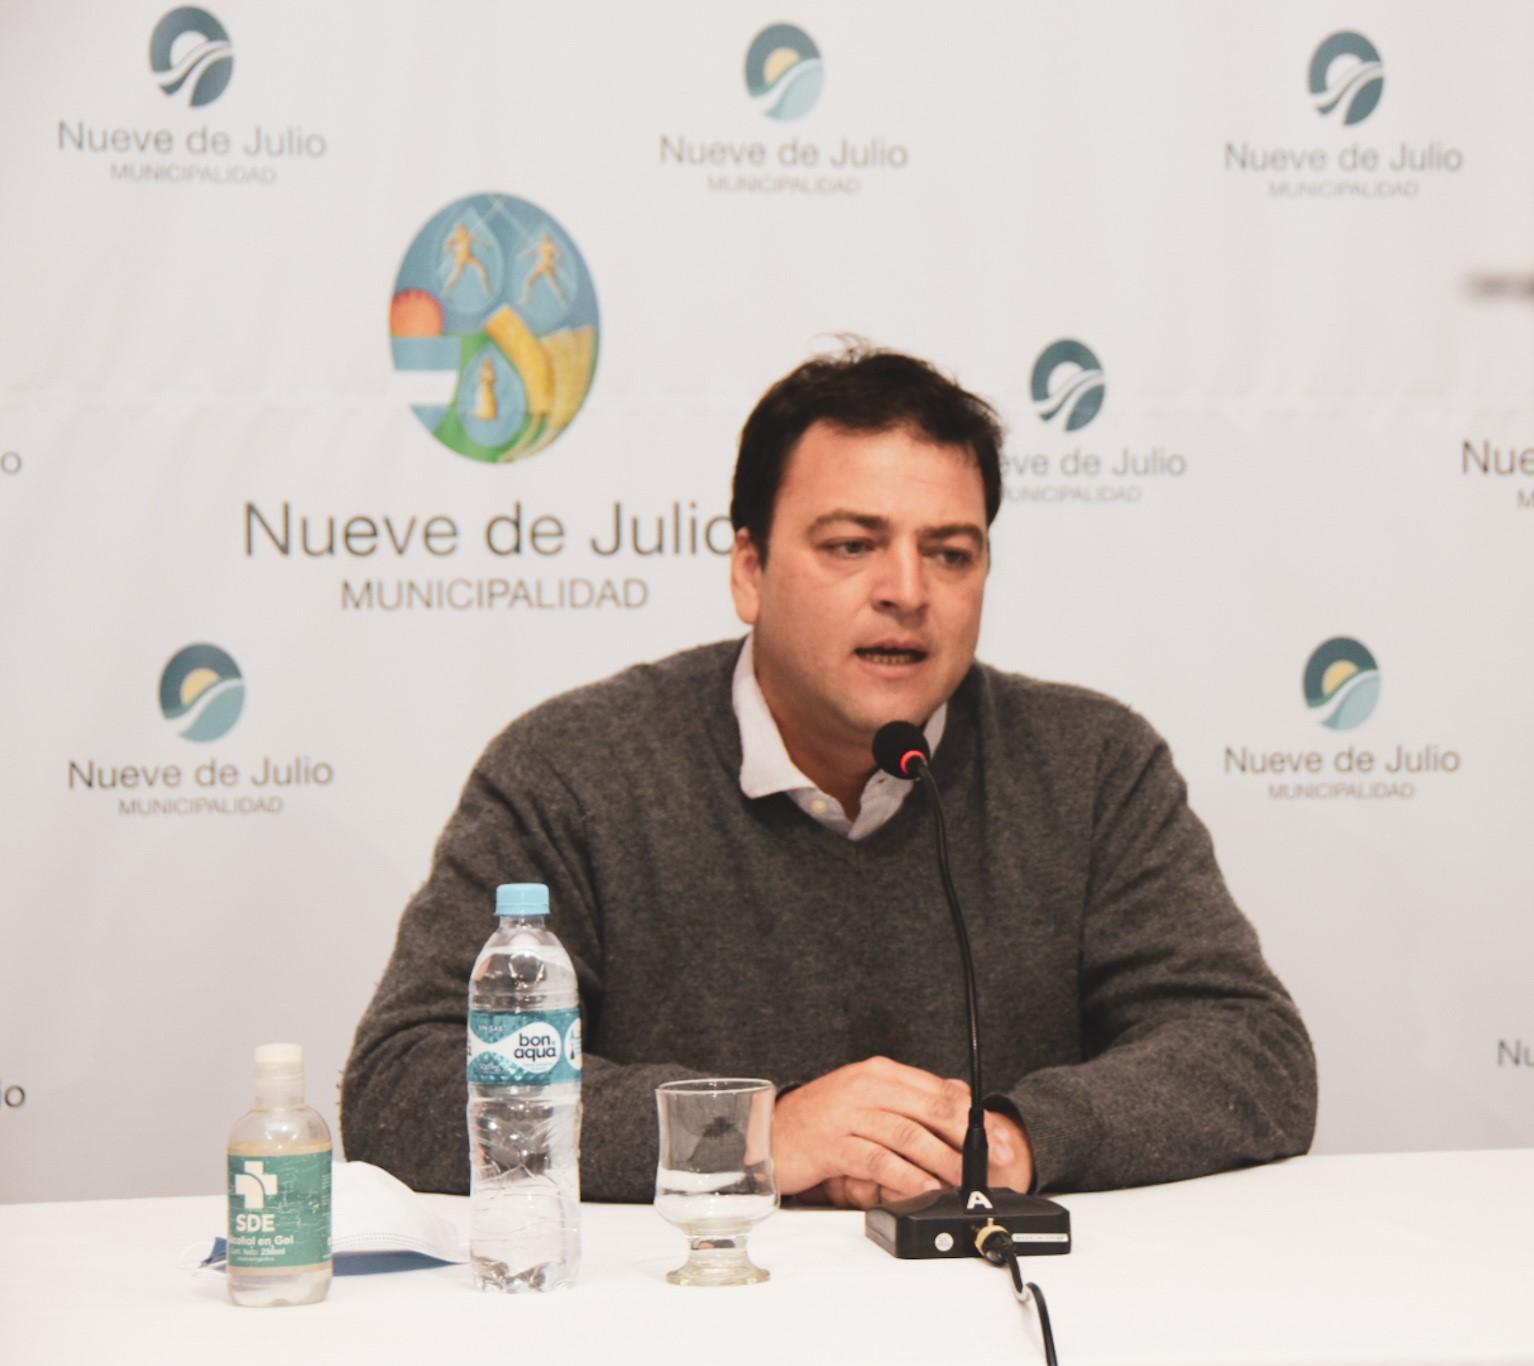 El Intendente Barroso habilito que Natatorios, Iglesias y el Cine funcionen cumpliendo protocolos